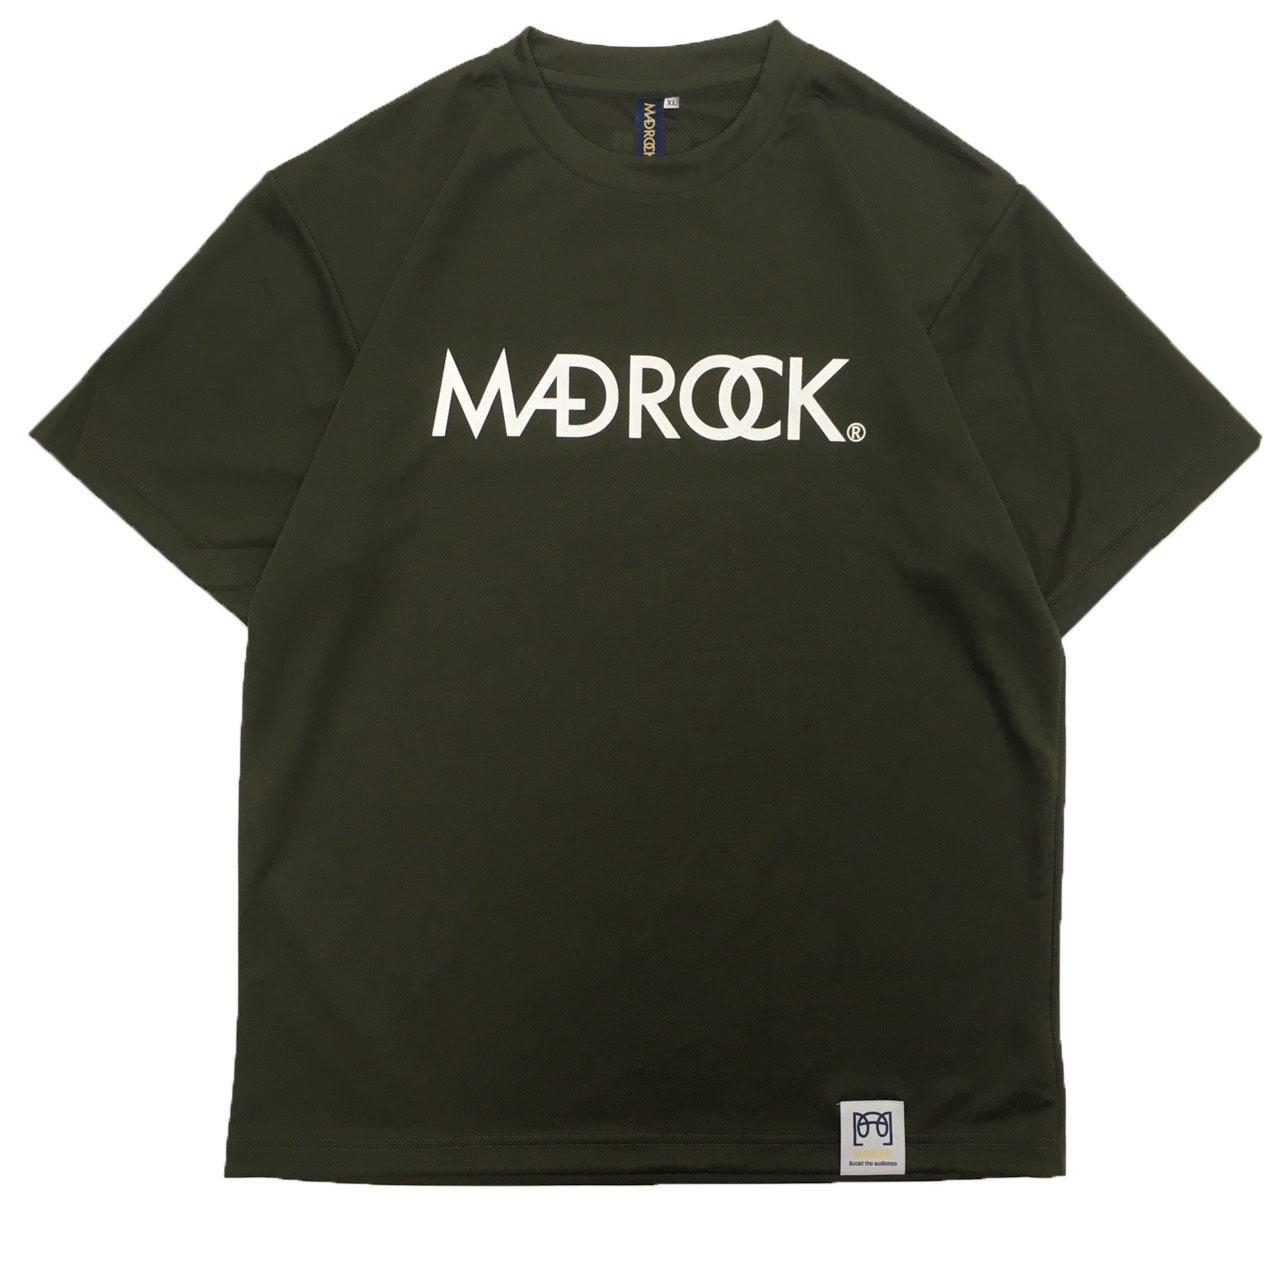 マッドロックロゴ Tシャツ/ドライタイプ/アーミーグリーン&ホワイト